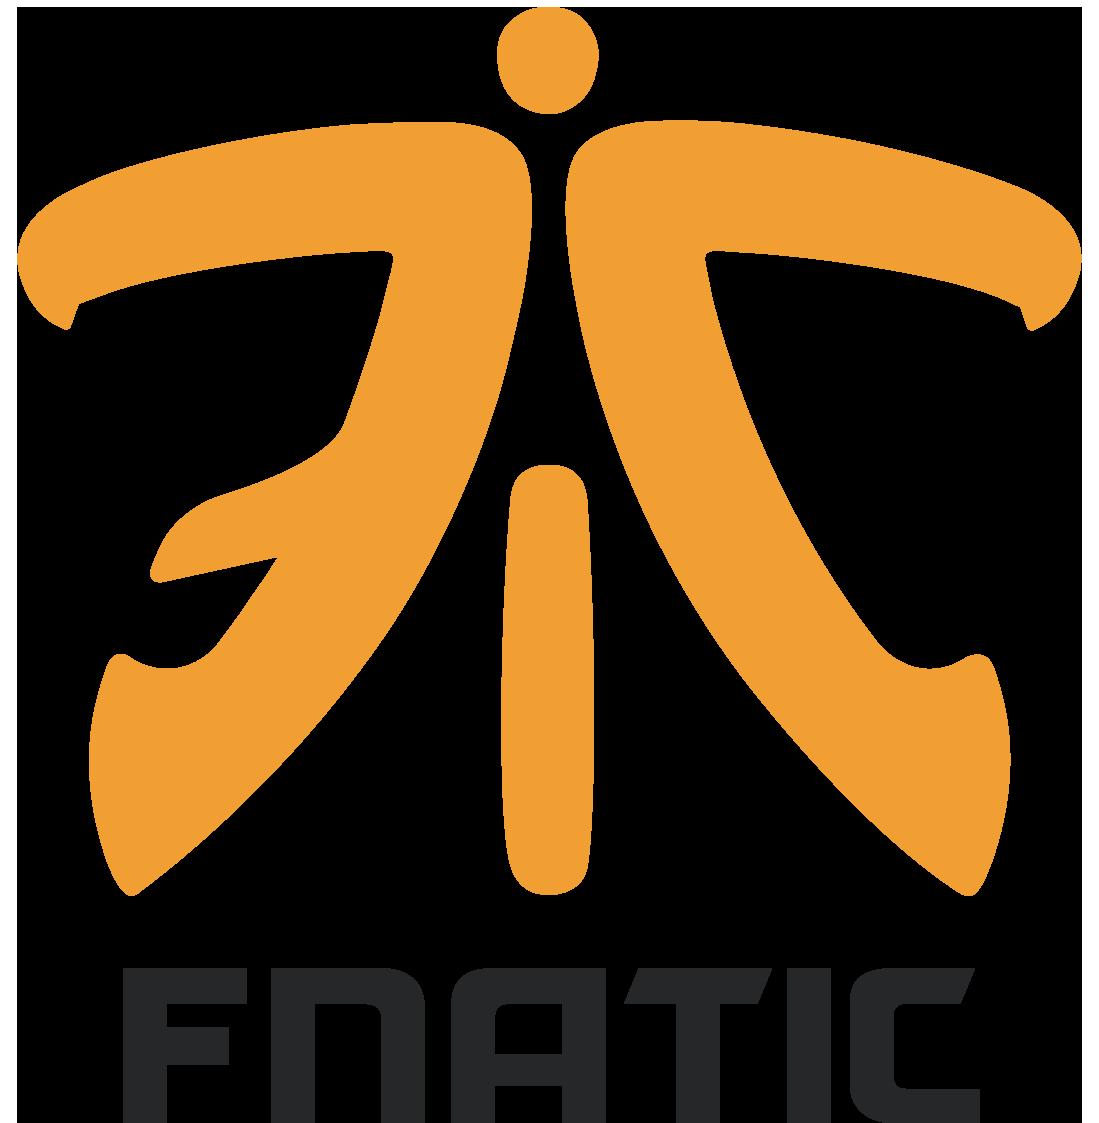 Fnatic PNG